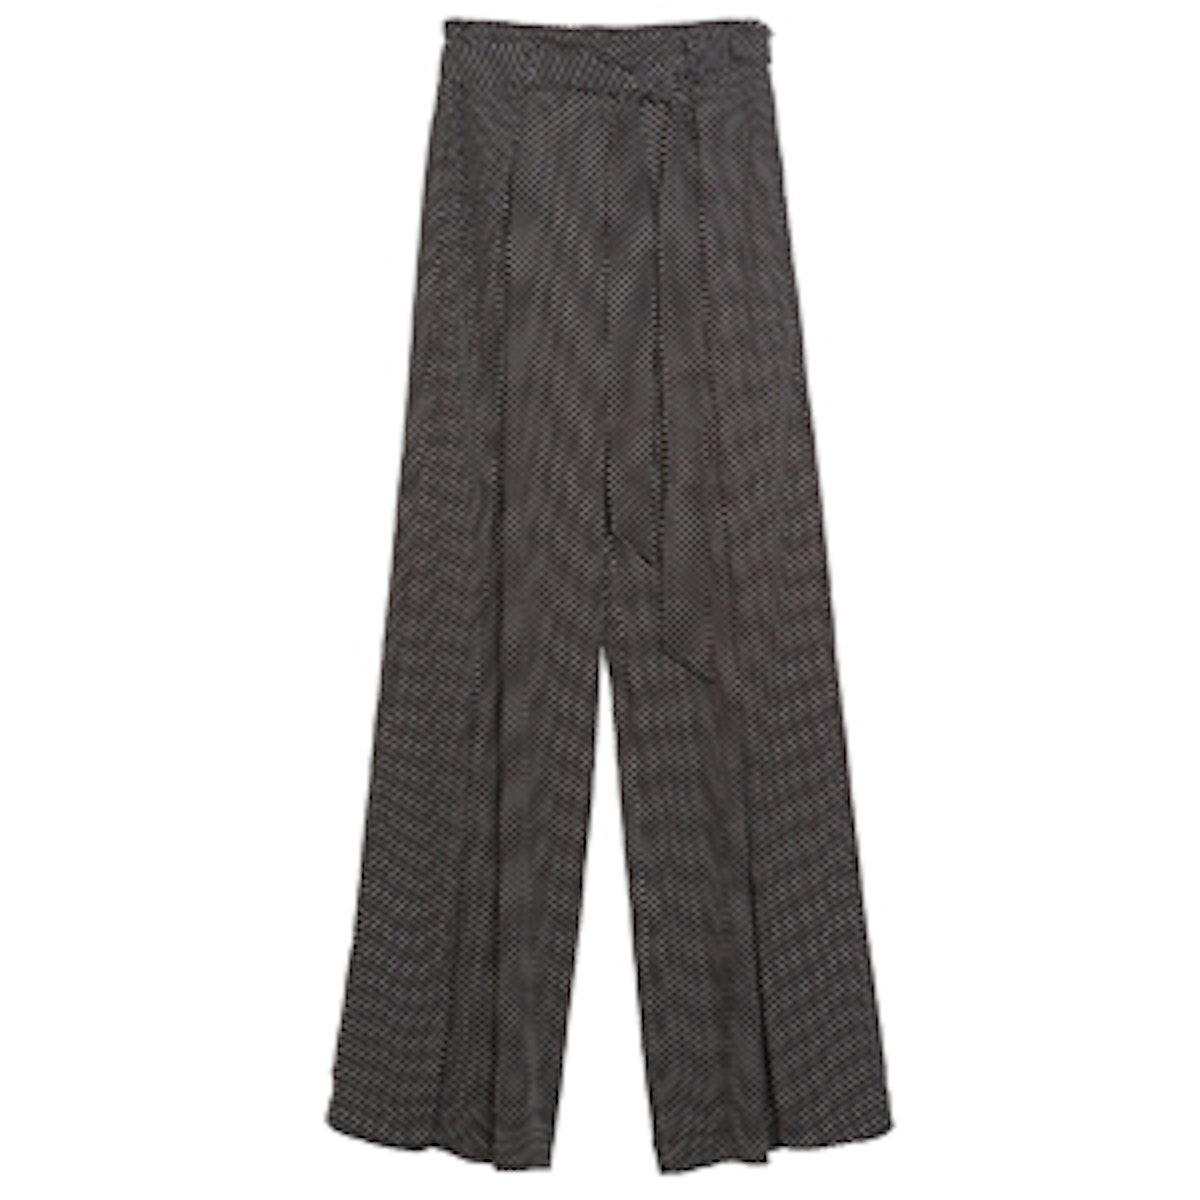 Wide Printed Pants